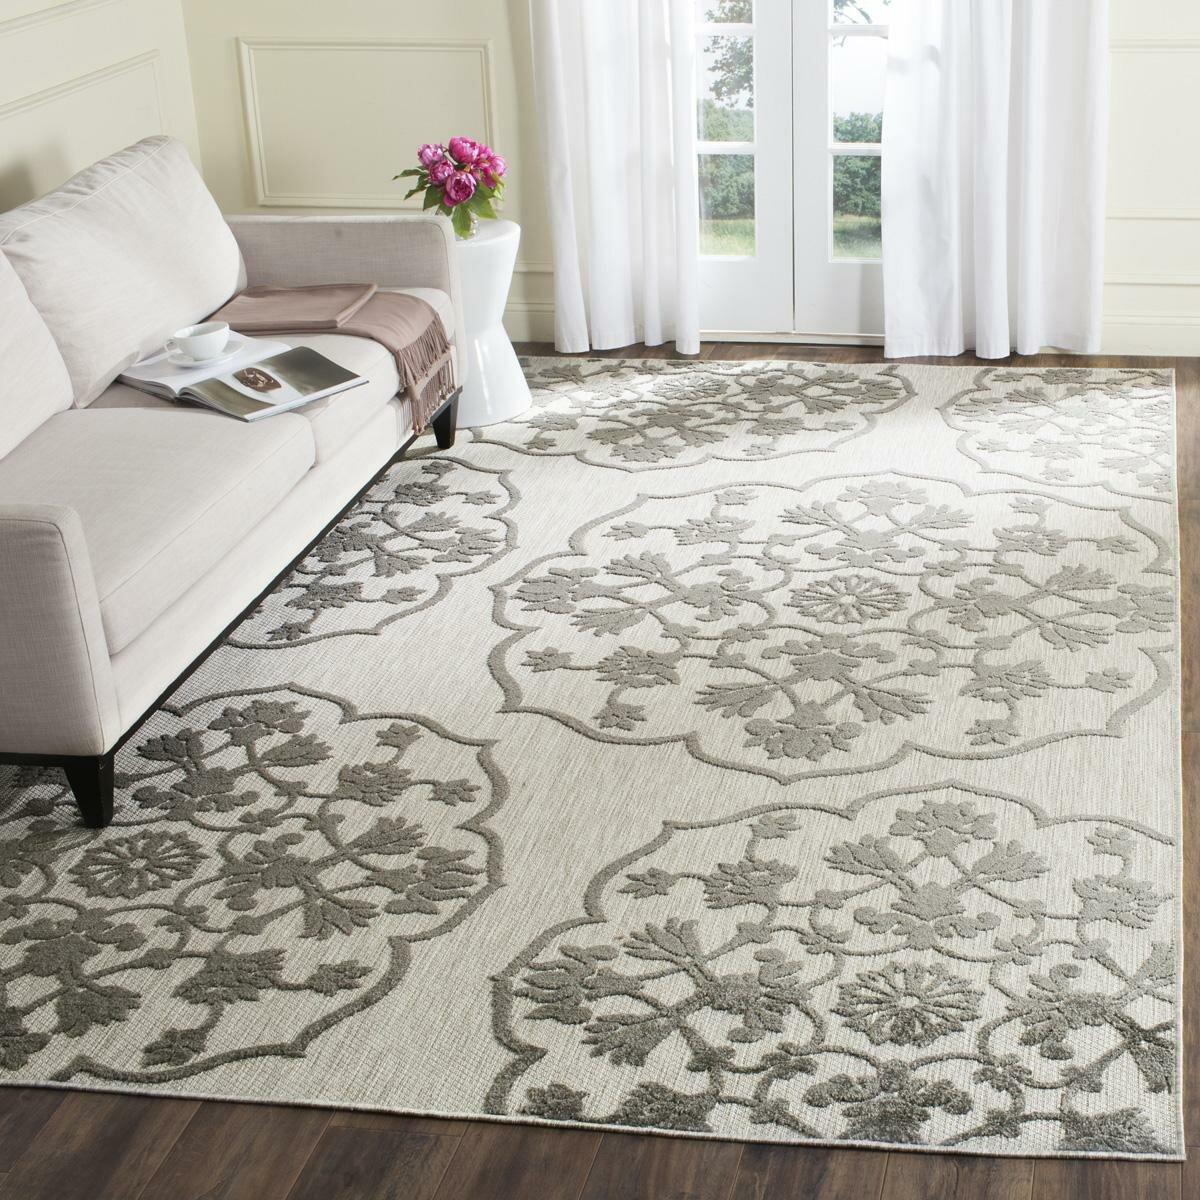 Safavieh wellington cream grey indoor outdoor area rug for Indoor outdoor rugs uk